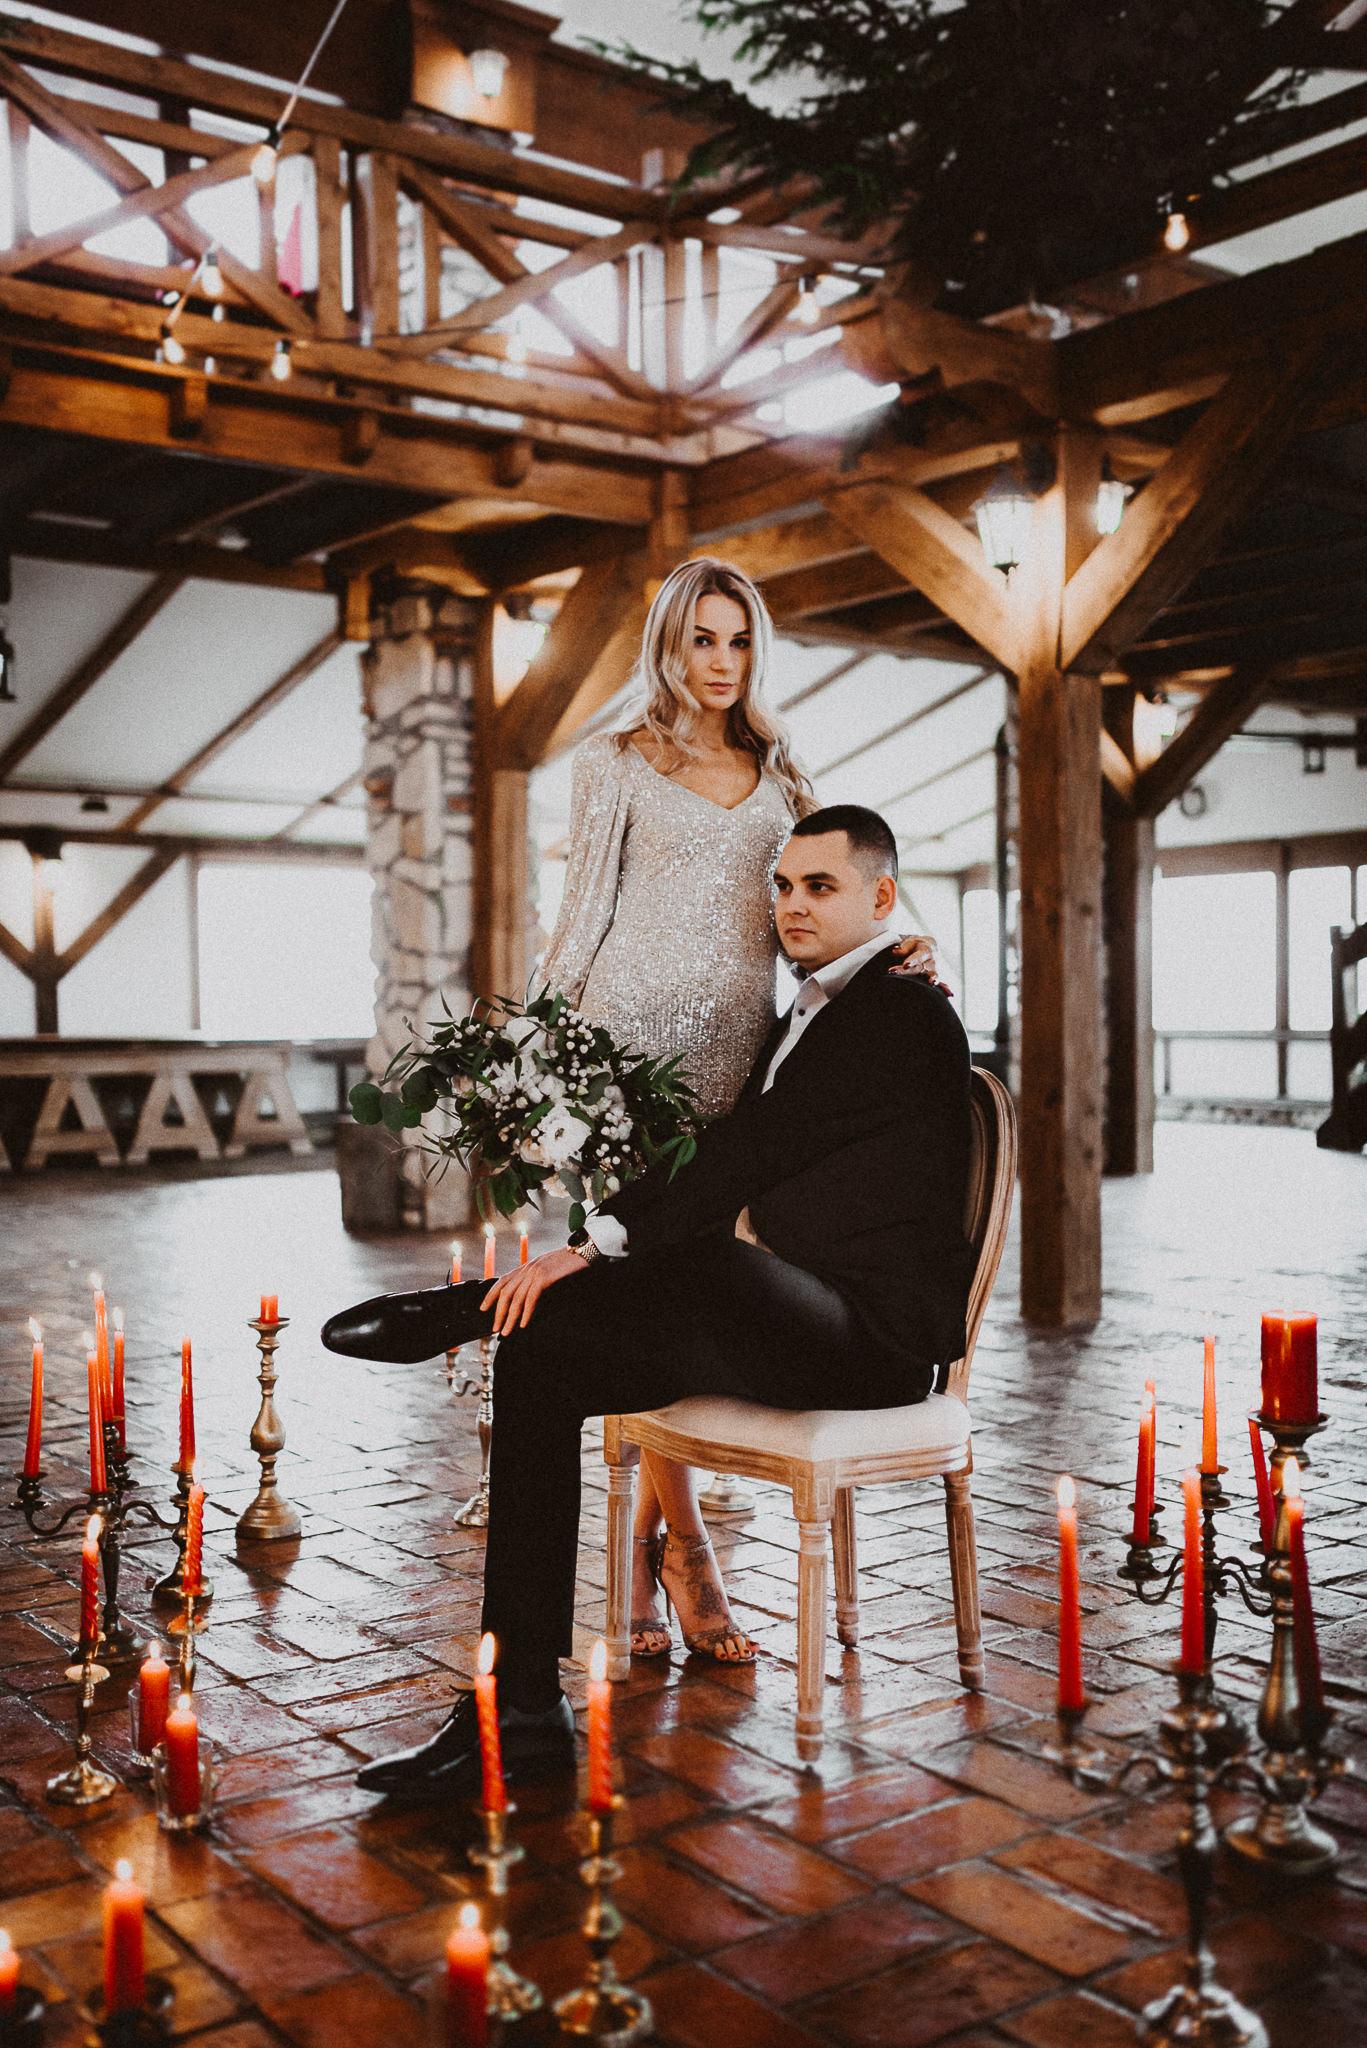 sesja narzeczeńska fotograf ślubny Kraków Love&light